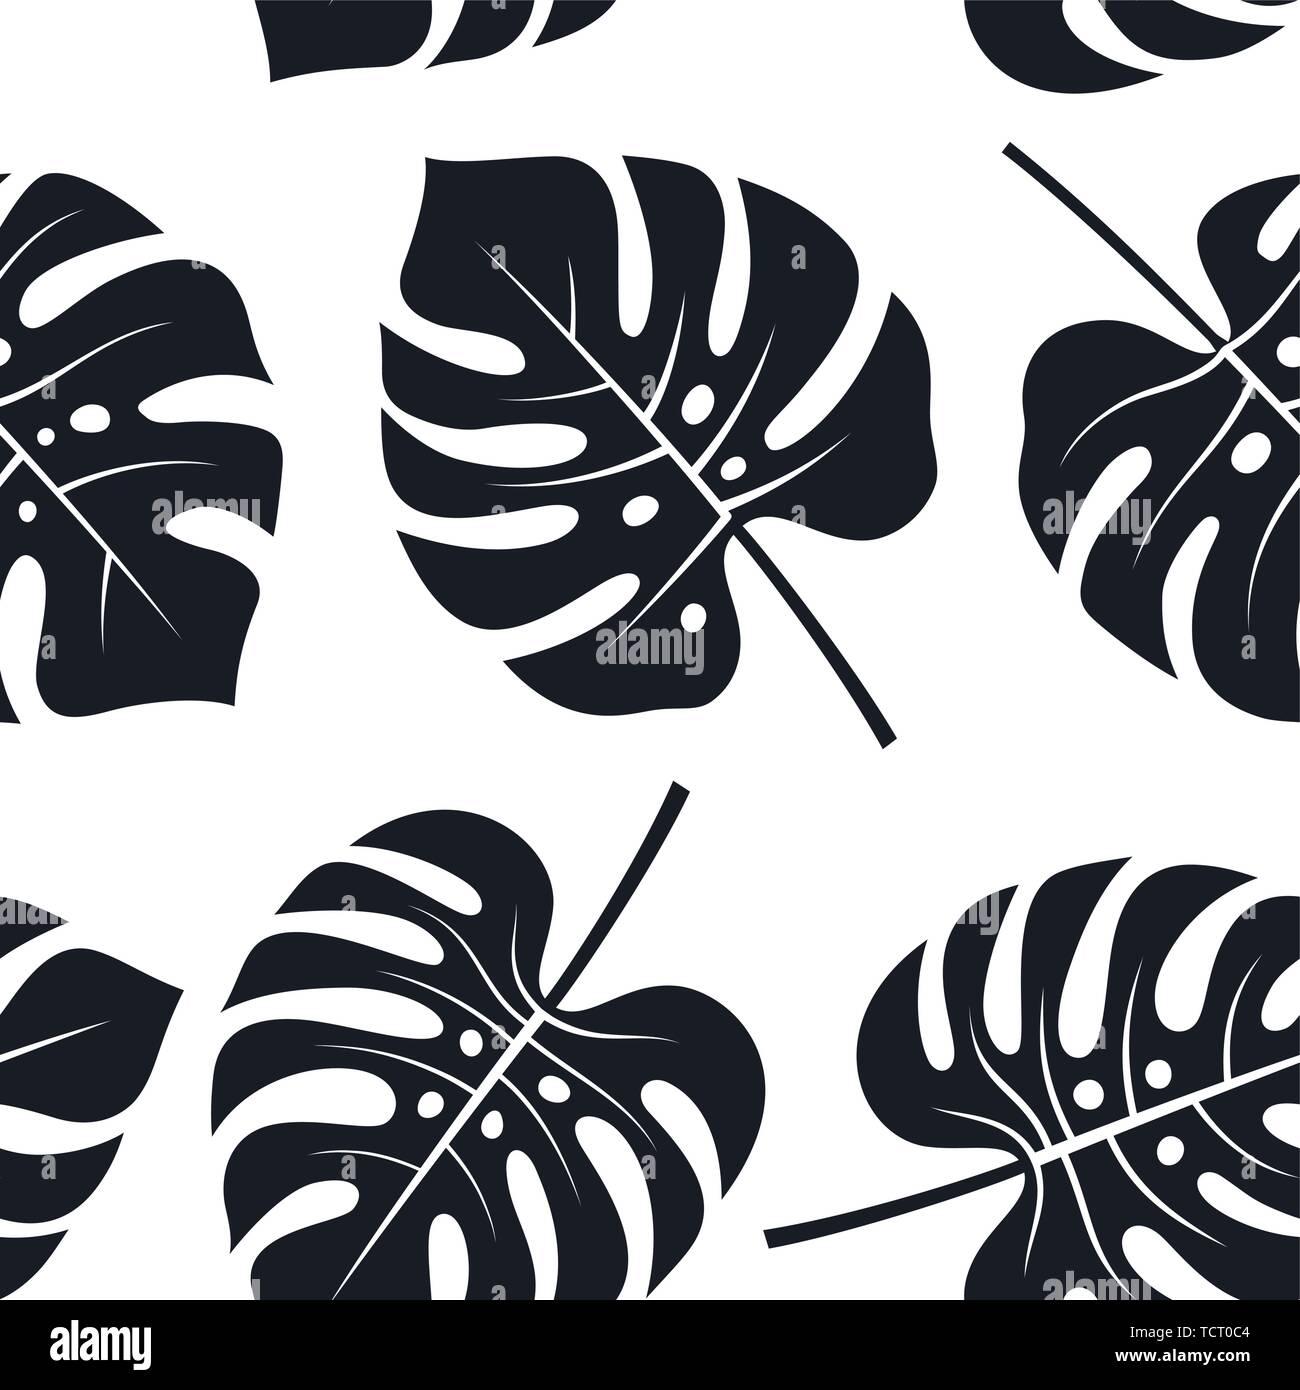 Modello senza cuciture con foglie tropicali. Floreali, sfondo bianco e nero Sfondi esotici, vettori Immagini Stock